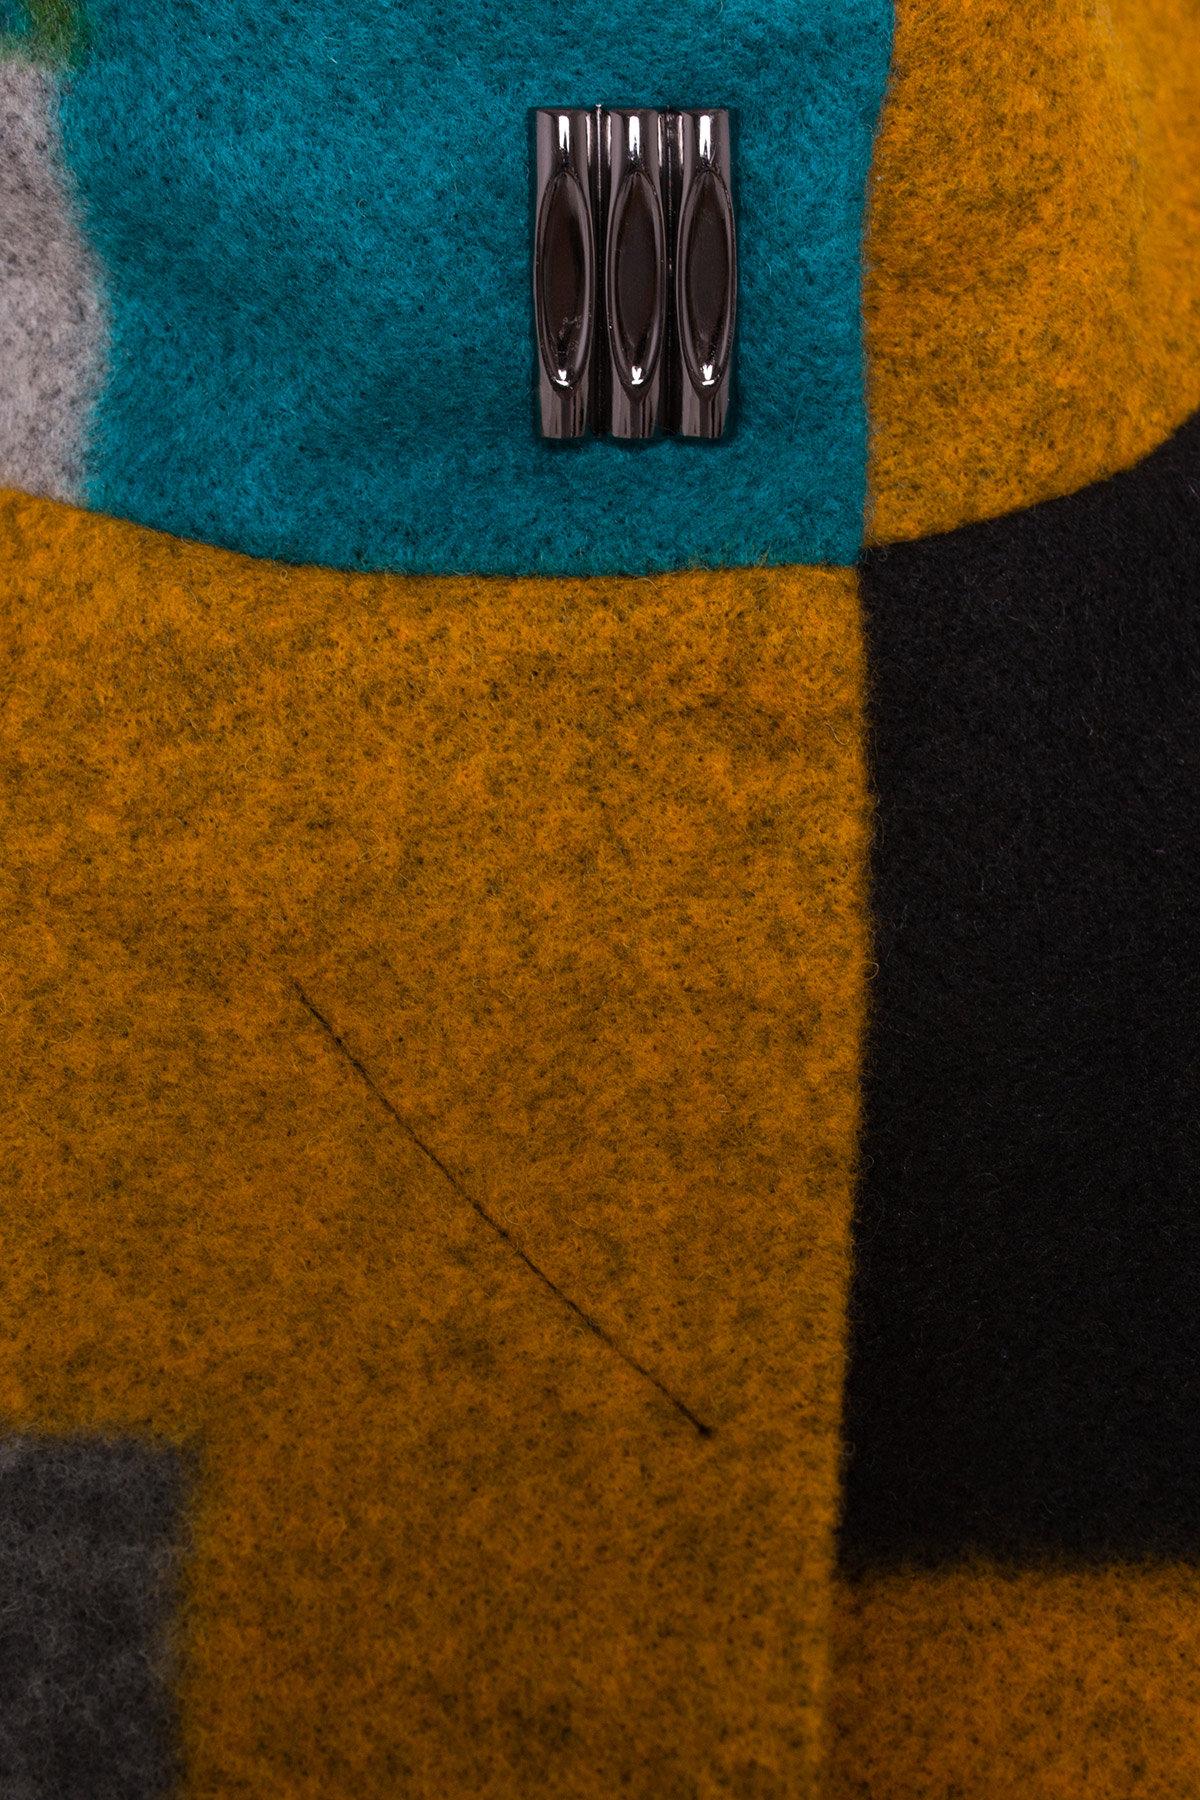 Пальто Луара 0505 АРТ. 6991 Цвет: Черный/серый/бирюза Д3/С1 - фото 4, интернет магазин tm-modus.ru